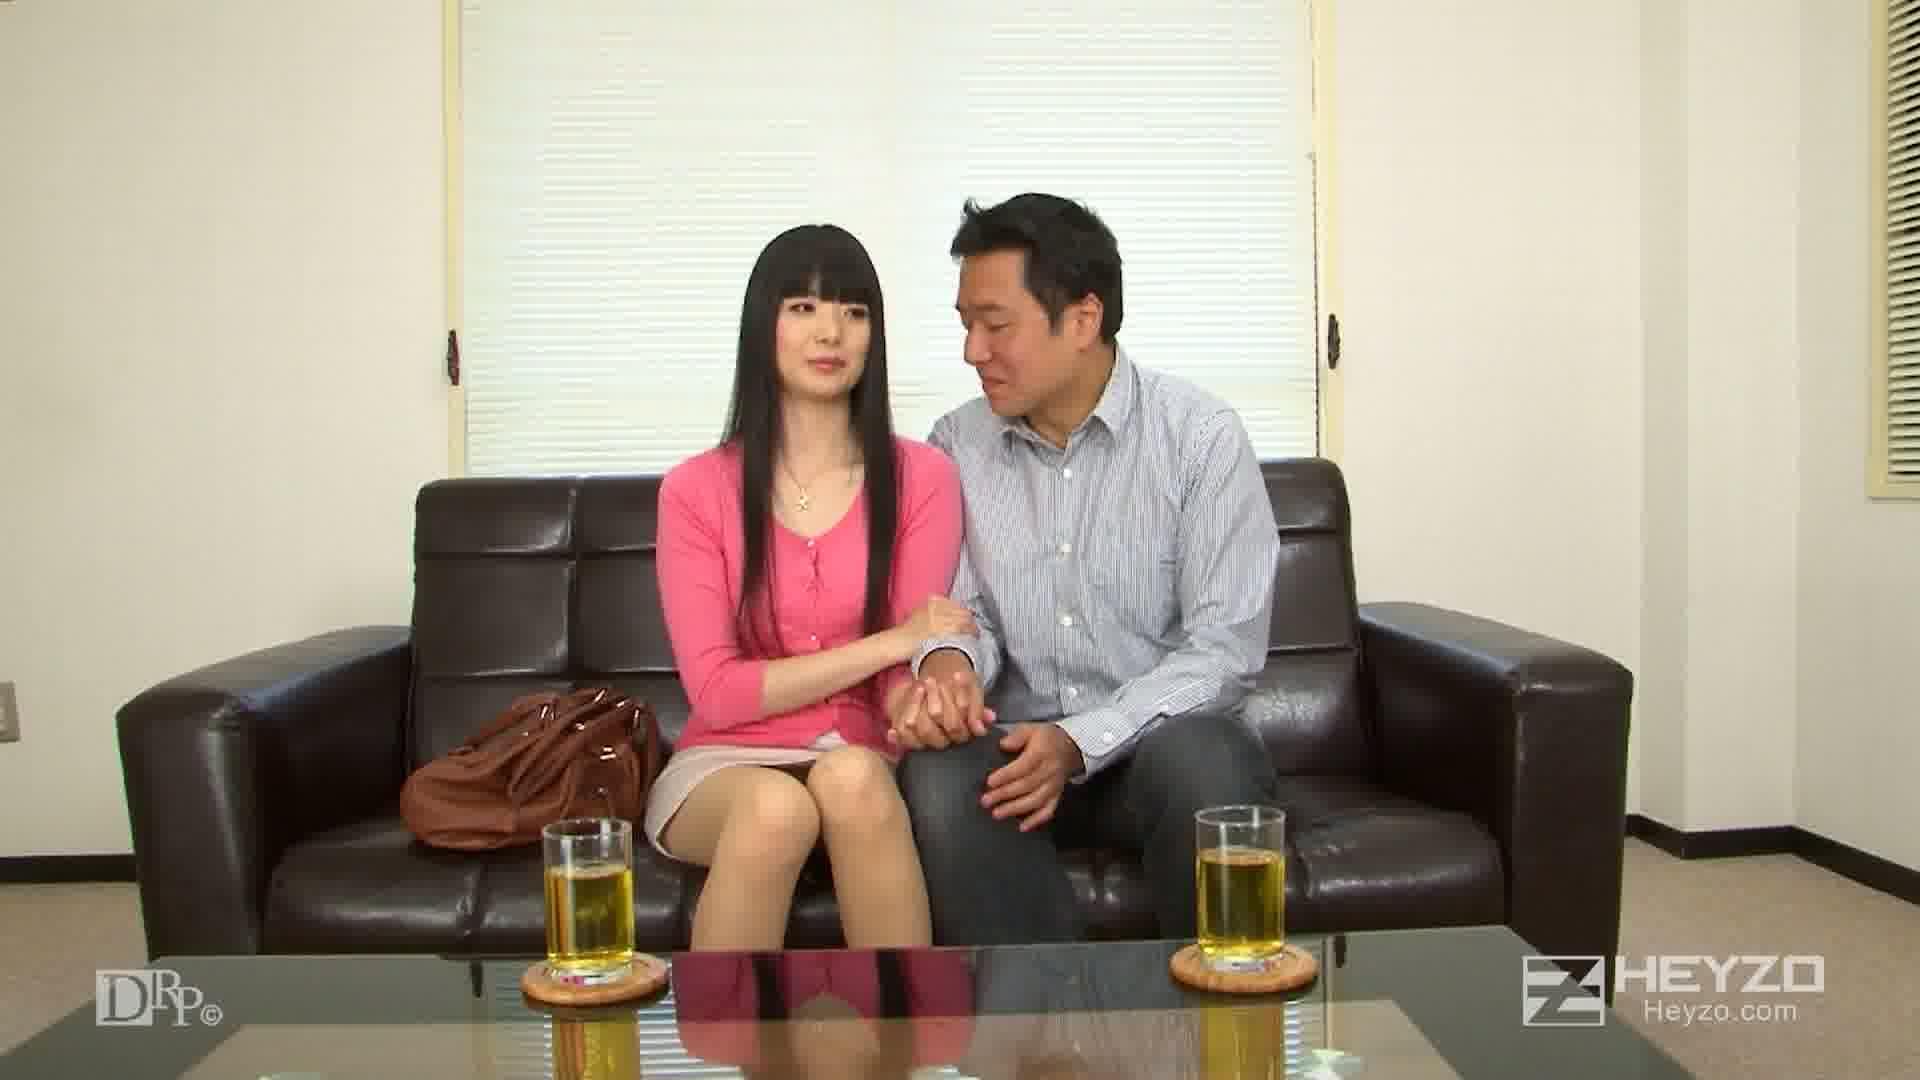 生々しい不倫現場を撮影してください~ワケあり性癖カップル~ - 姫野未来【インタビュー 撮影敢行 キス ローター】